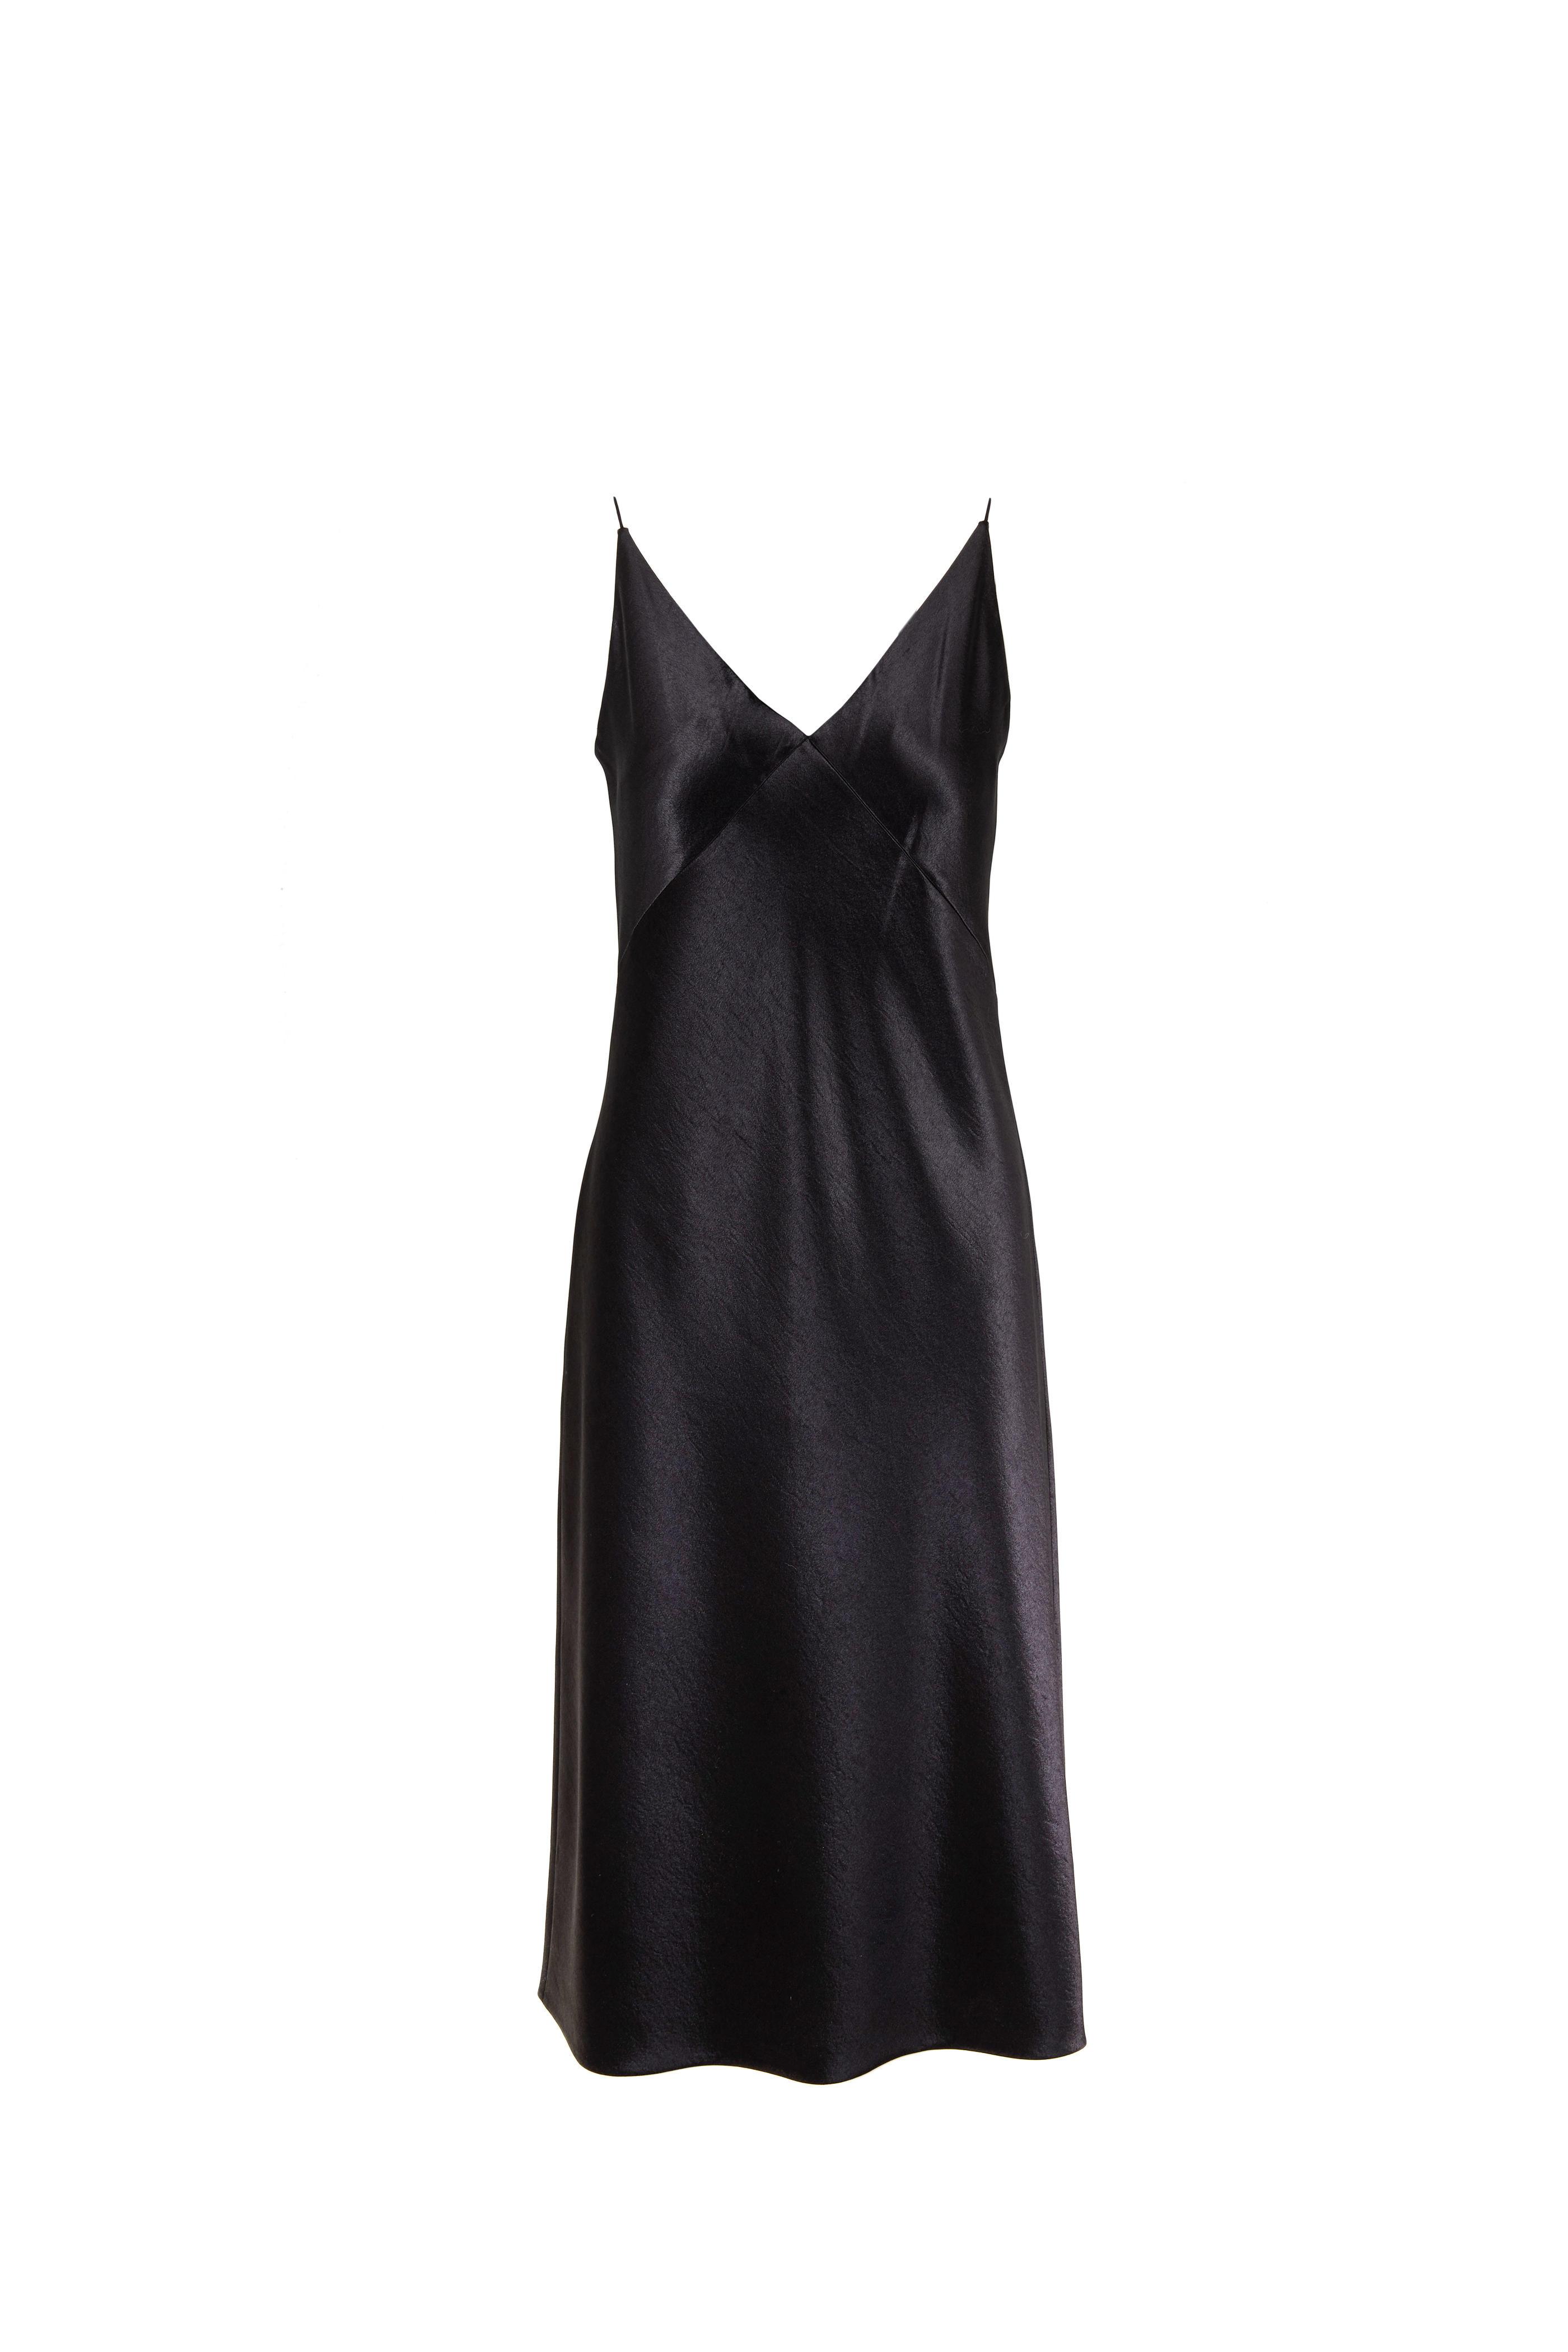 9d3ae797102d Vince - Metallic Black Satin V-Neck Midi Slip Dress   Mitchell Stores